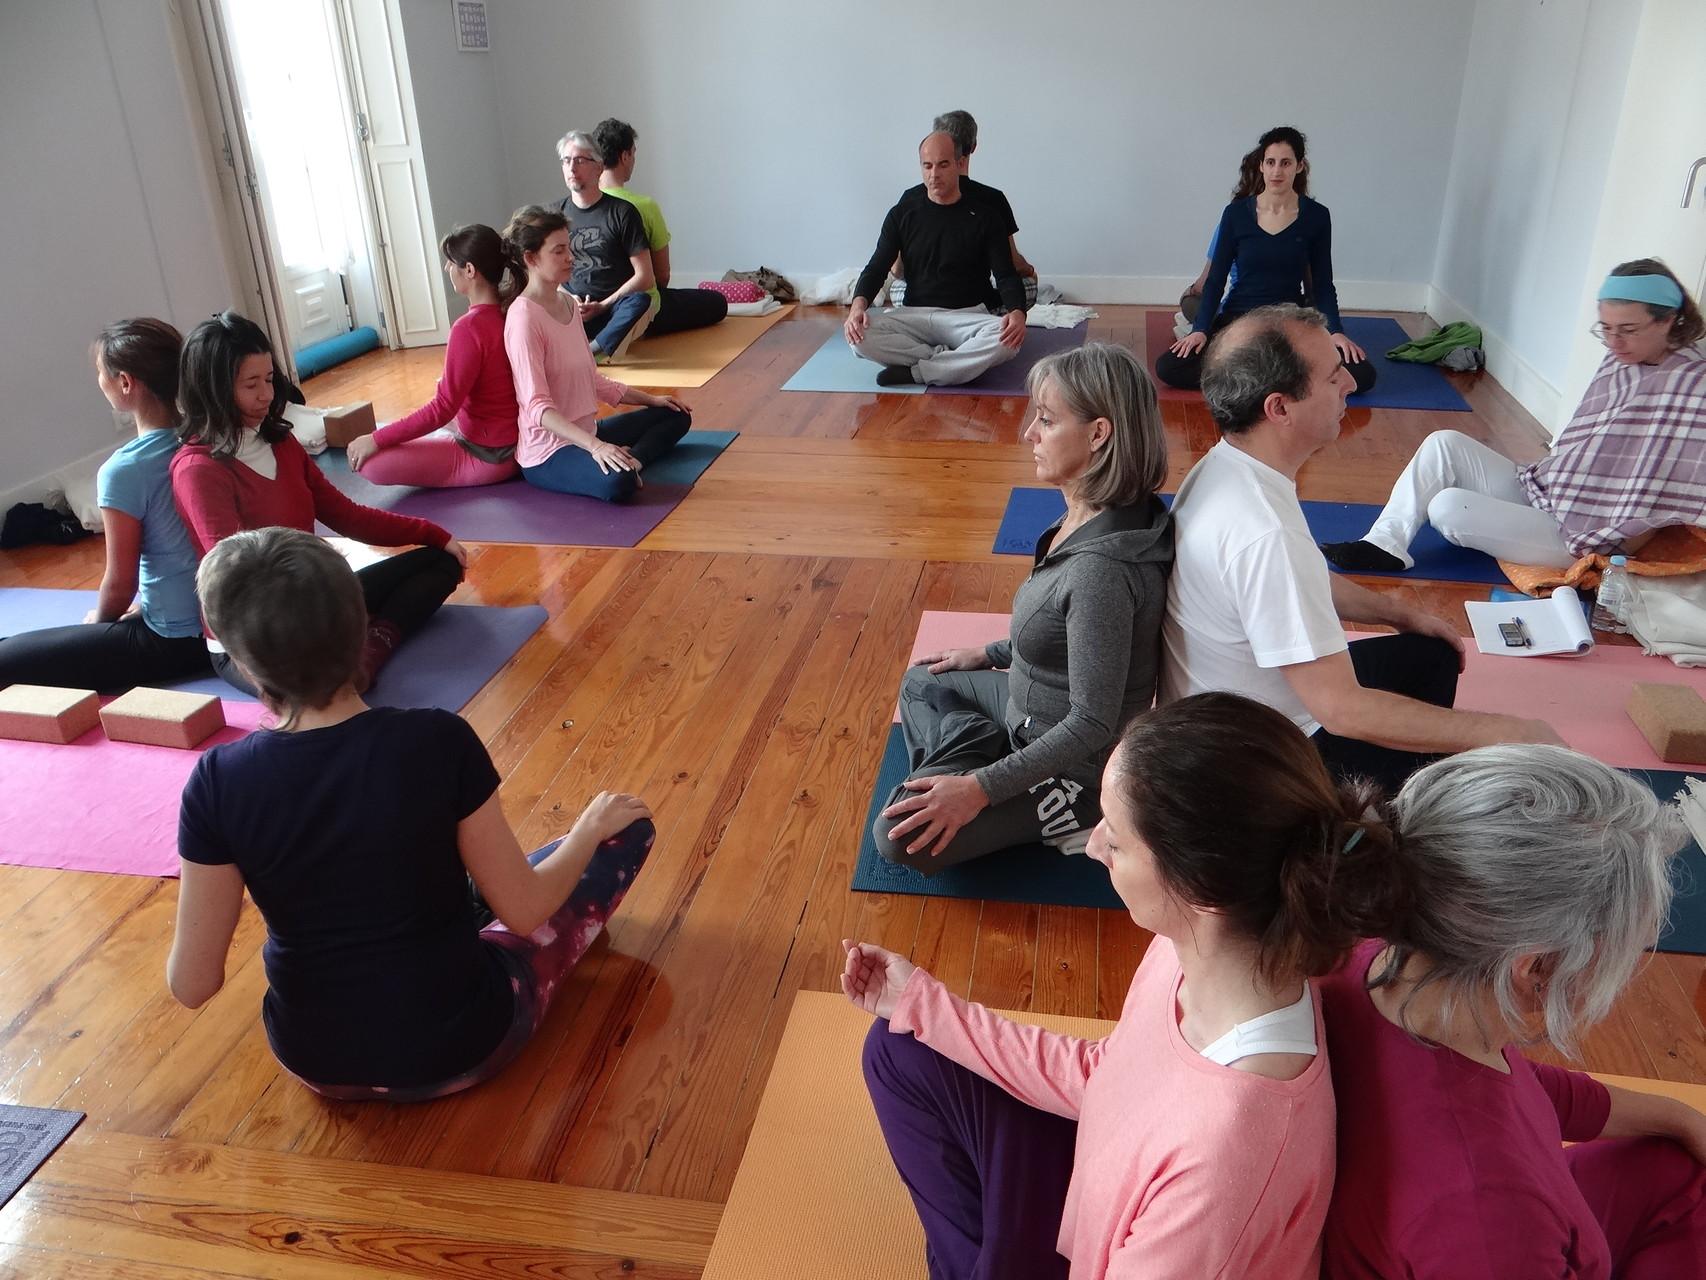 Workshop de Yoga a Pares com Lina Afonso & Sílvia Morais, 21fev2015